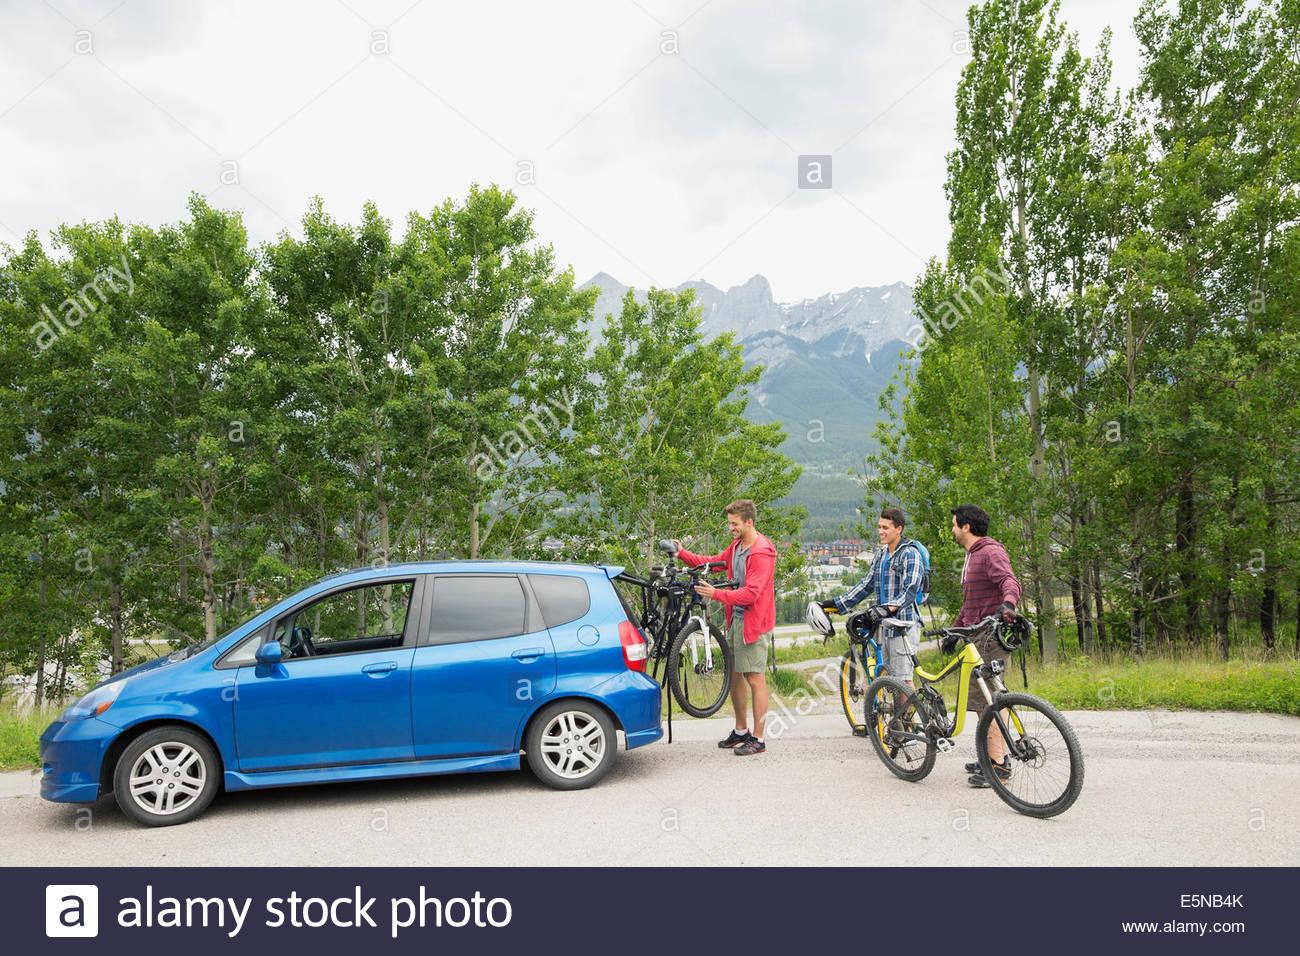 Los hombres quitando las bicicletas de portabicicletas en coche Imagen De Stock